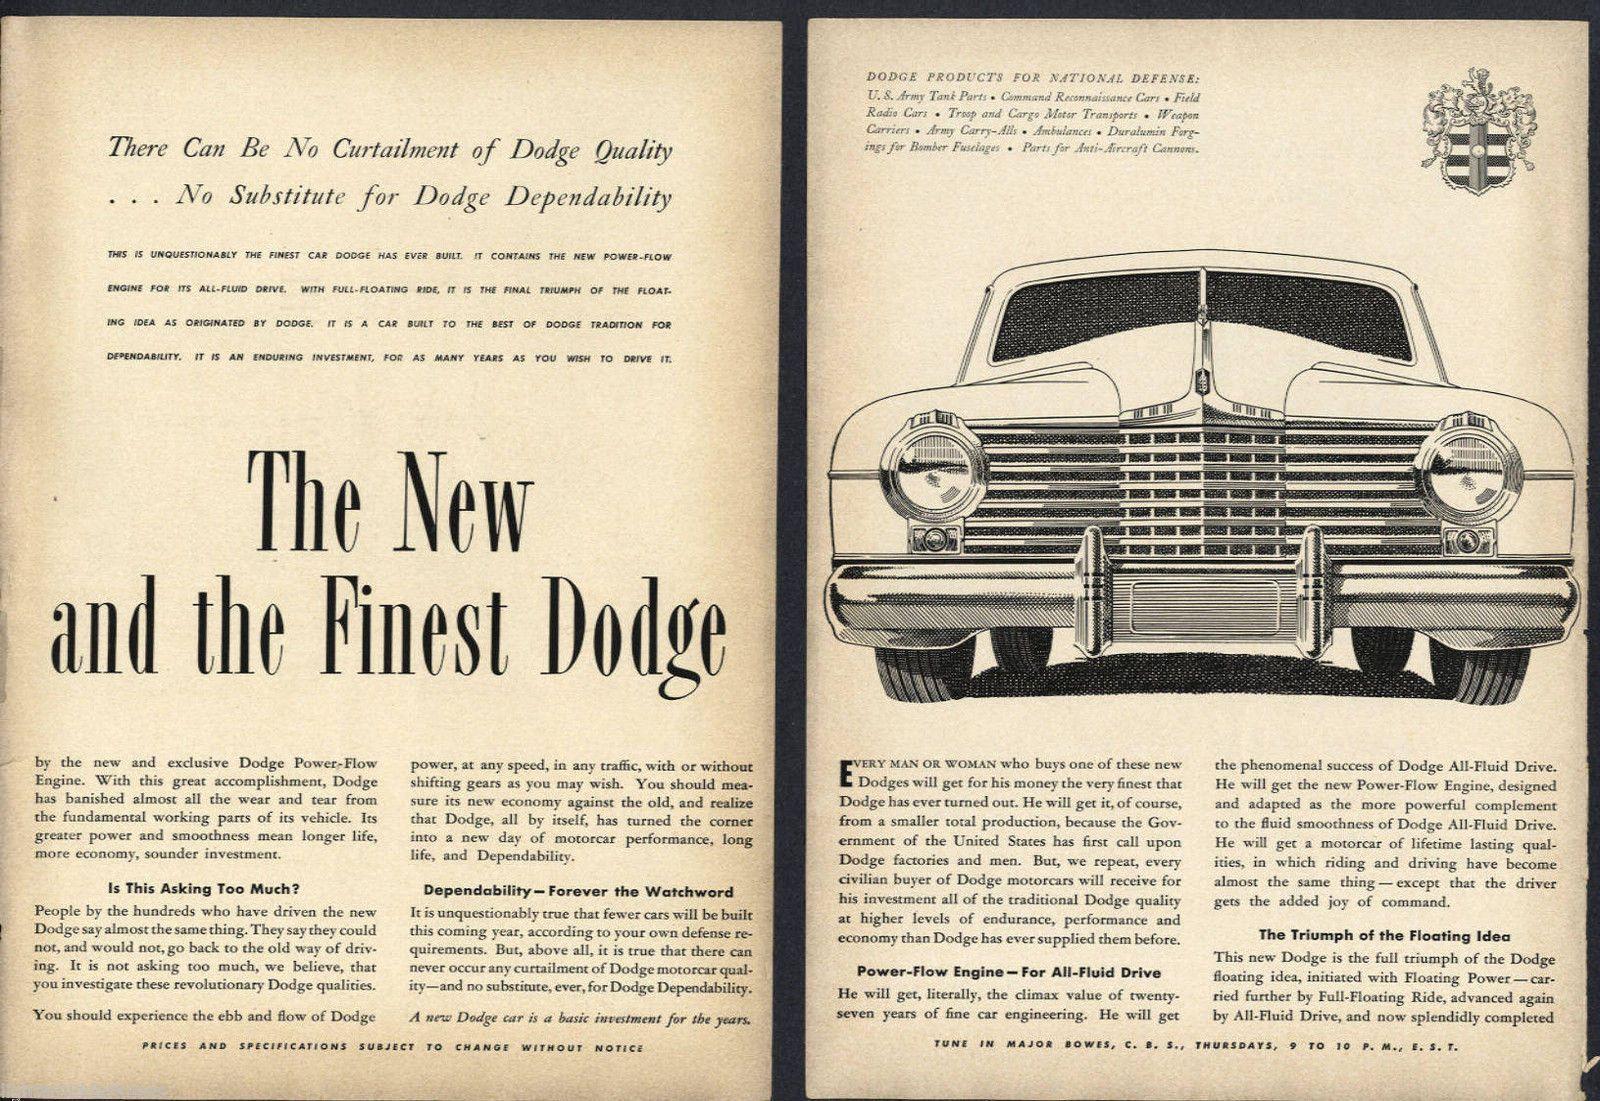 1941 DODGE PRODUCTS FOR NATIONAL DEFENSE WAR VINTAGE CAR